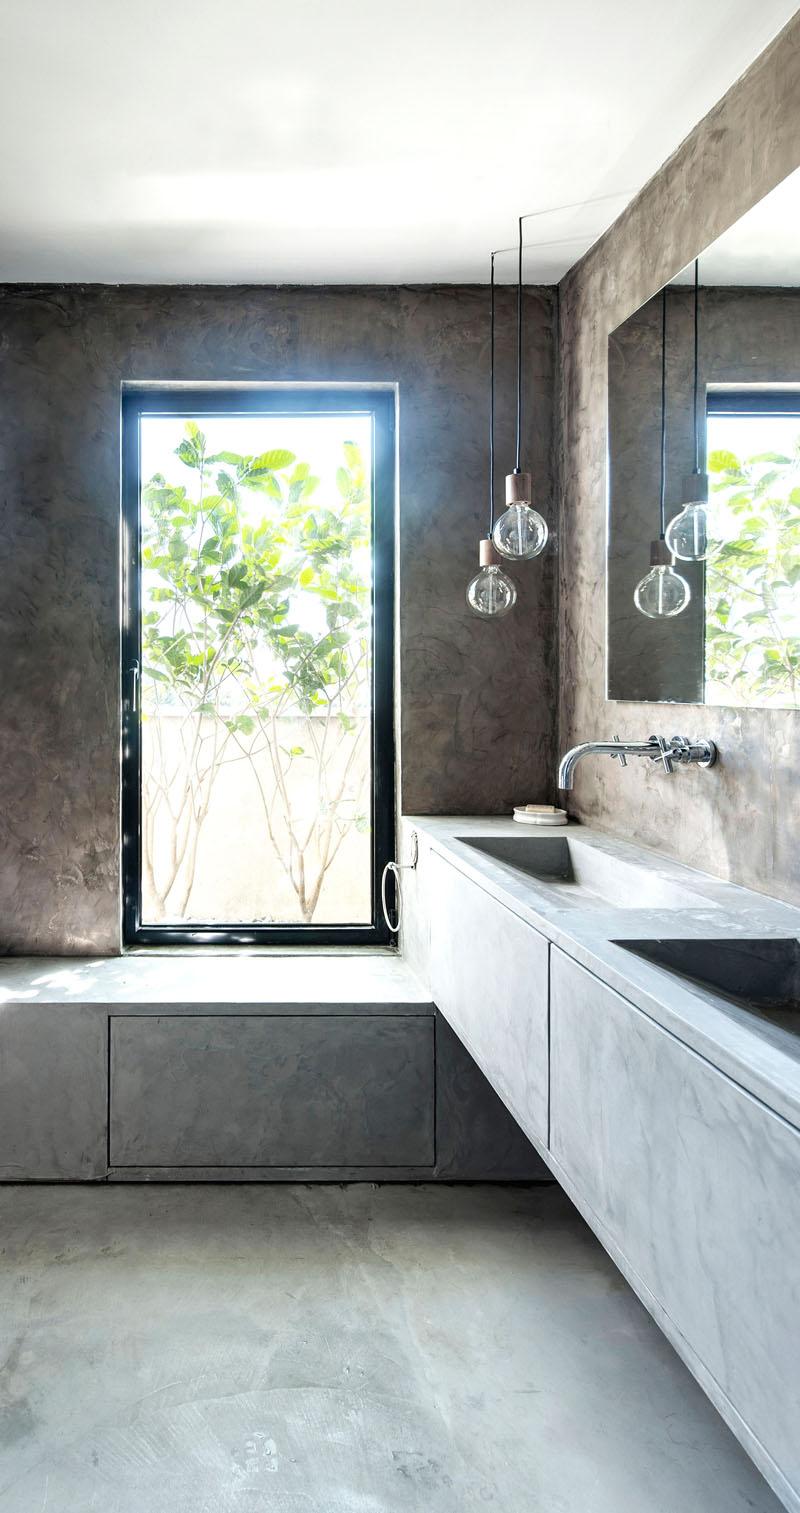 Полированный бетонный пол в современном интерьере ванной комнаты